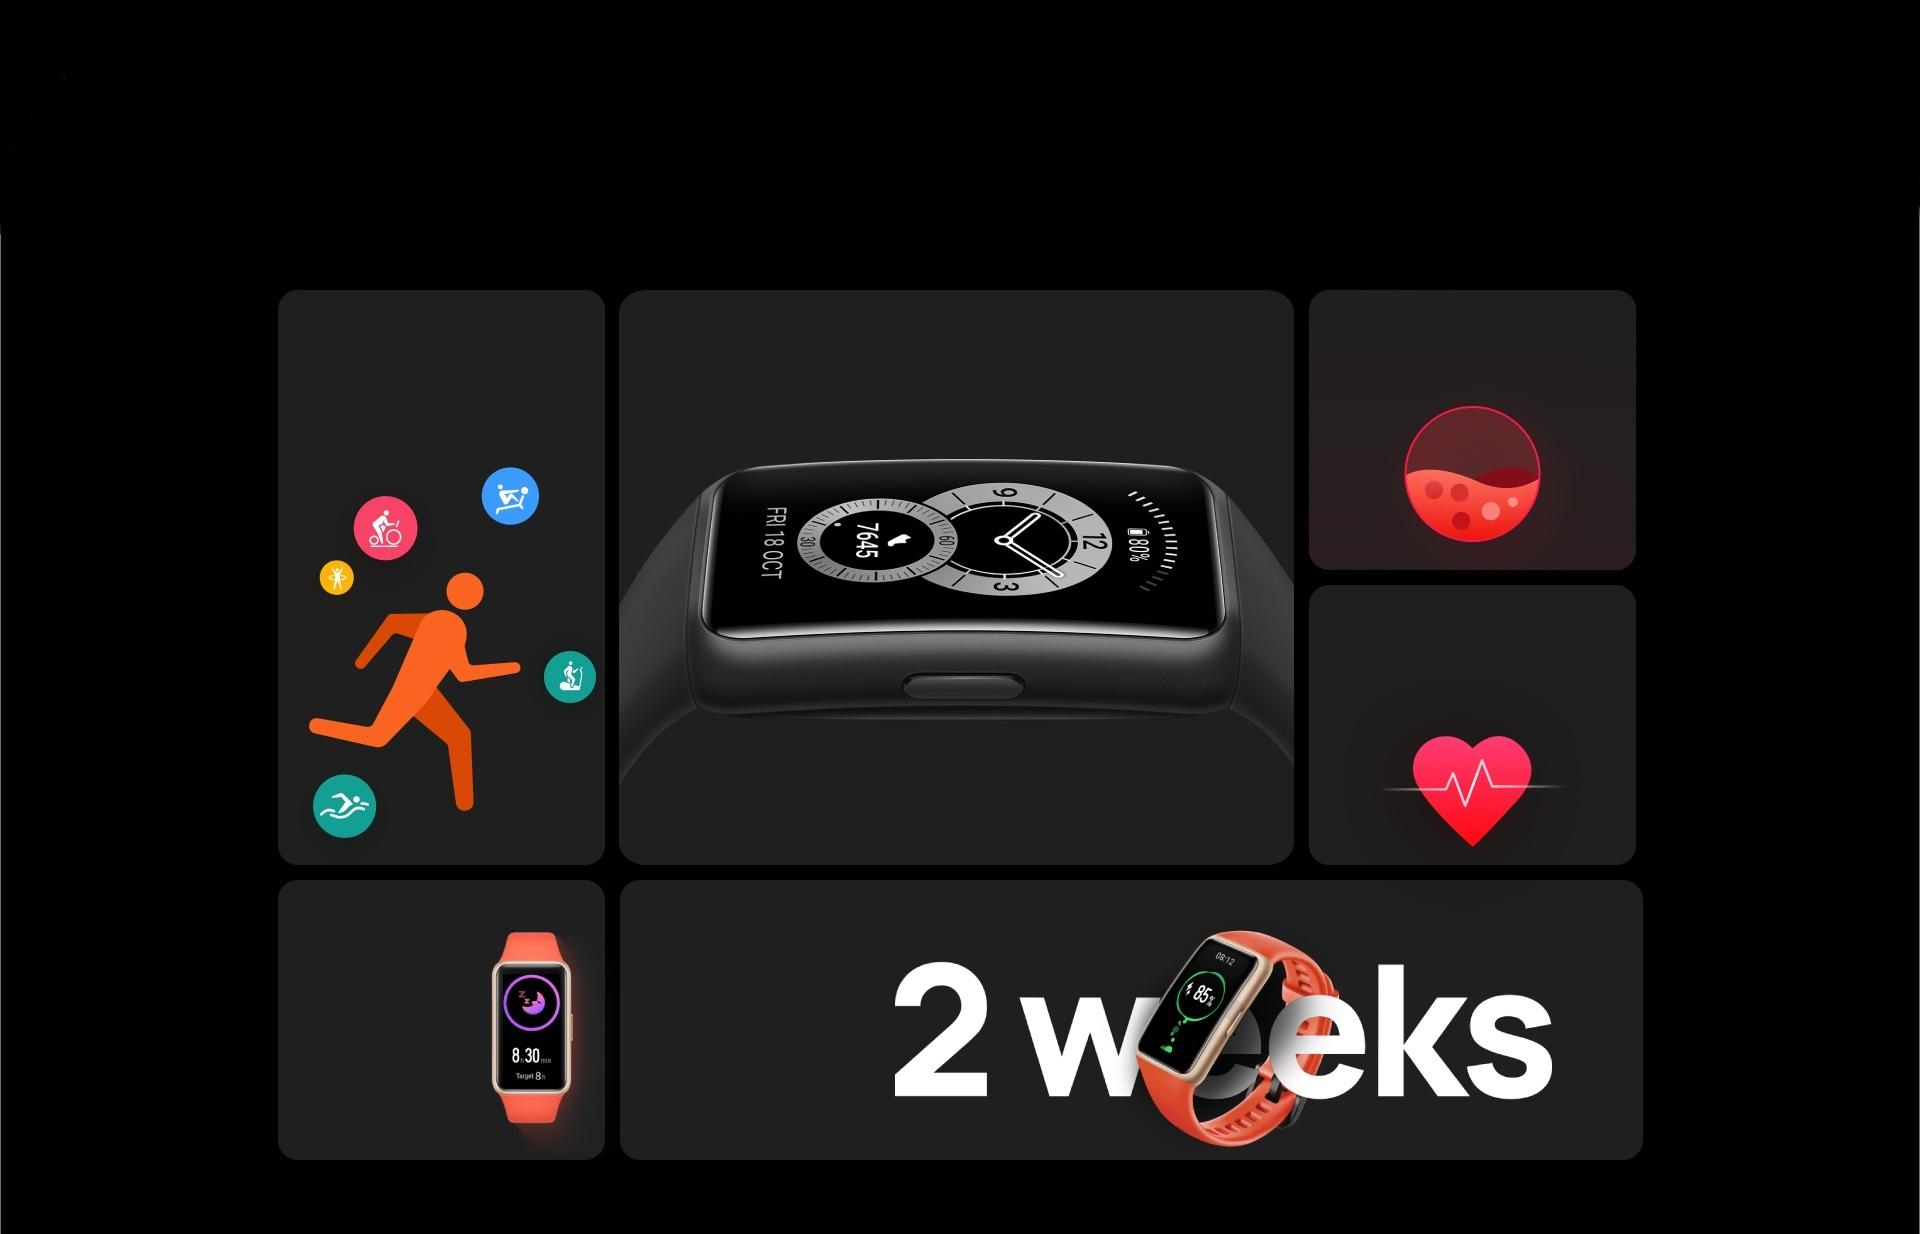 Características más destacadas de la Huawei Band 6